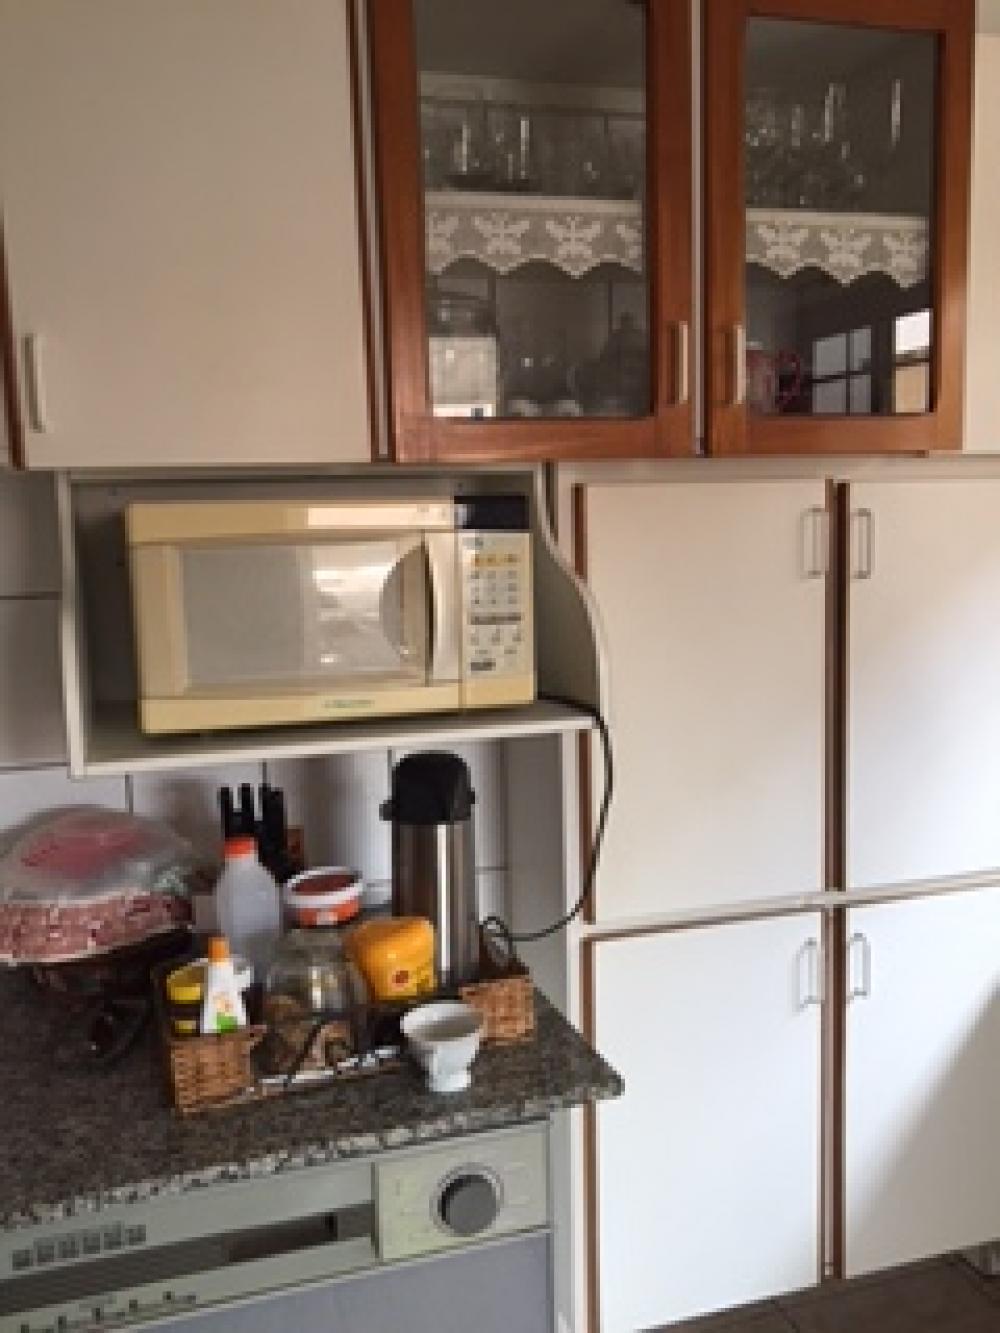 Comprar Casa / Padrão em São José do Rio Preto apenas R$ 750.000,00 - Foto 10